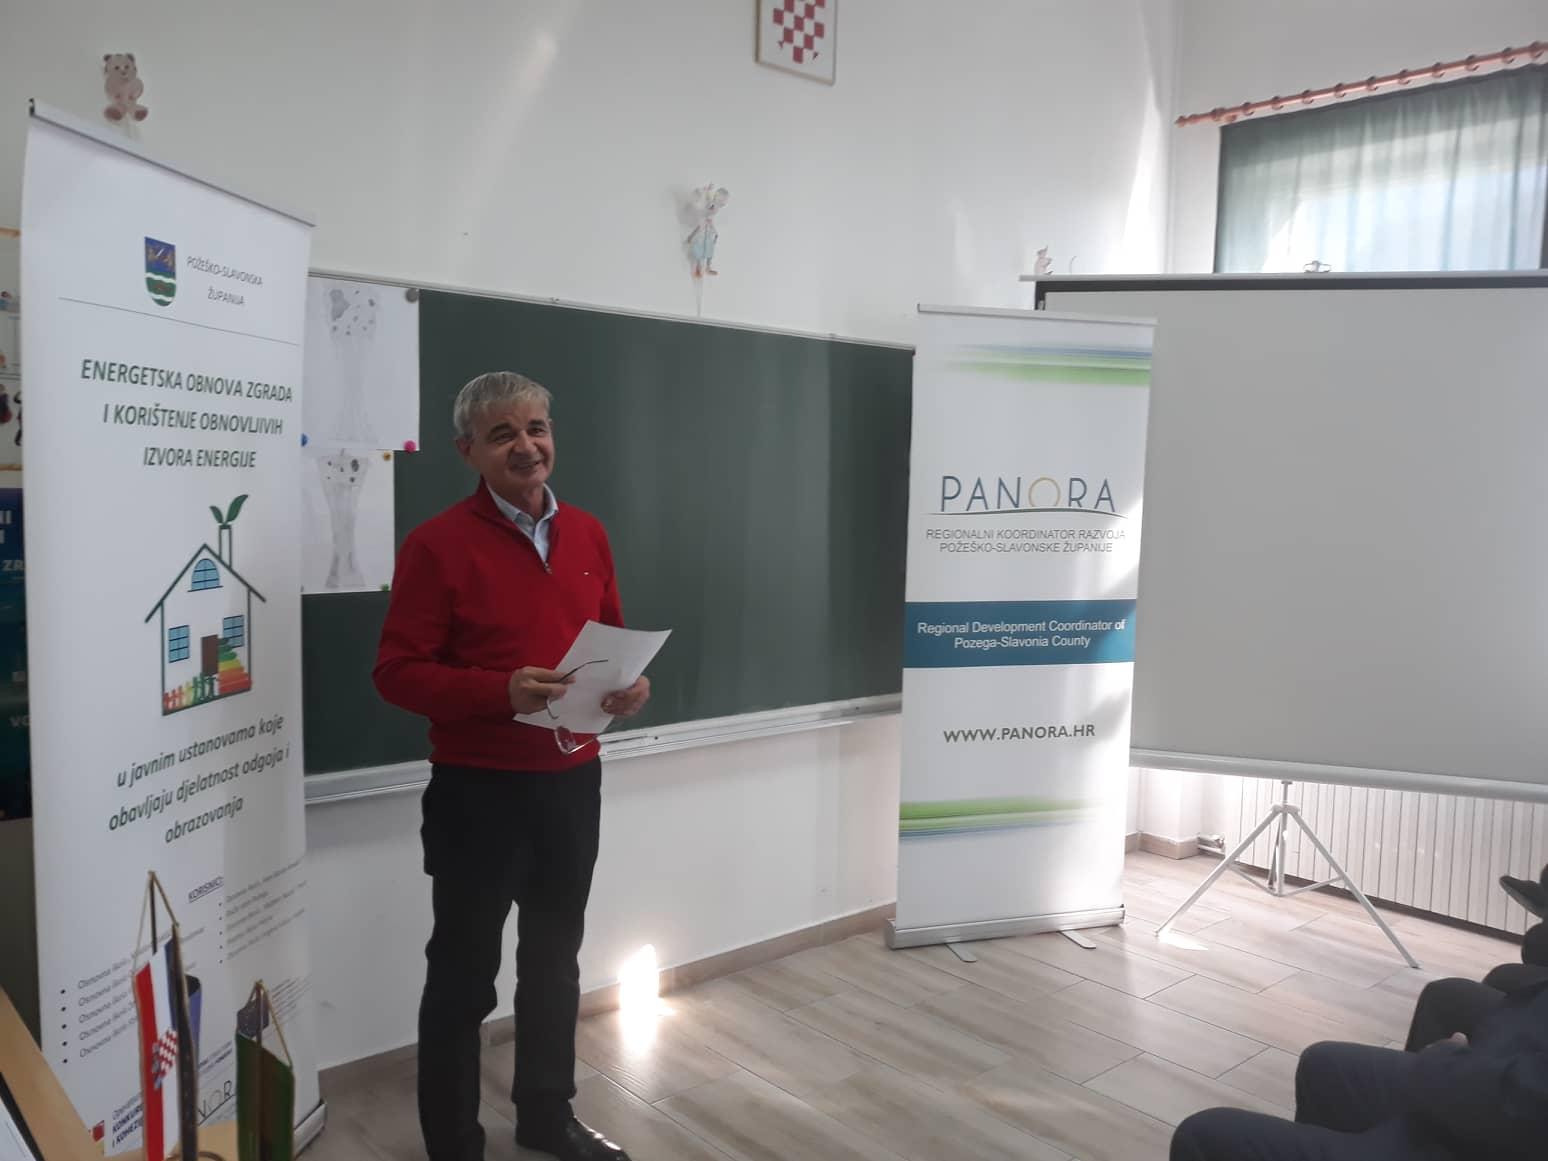 Završna konferencija projekta Energetska obnova zgrade Područne škole Skenderovci, Osnovne škole Dragutina Lermana Brestovac